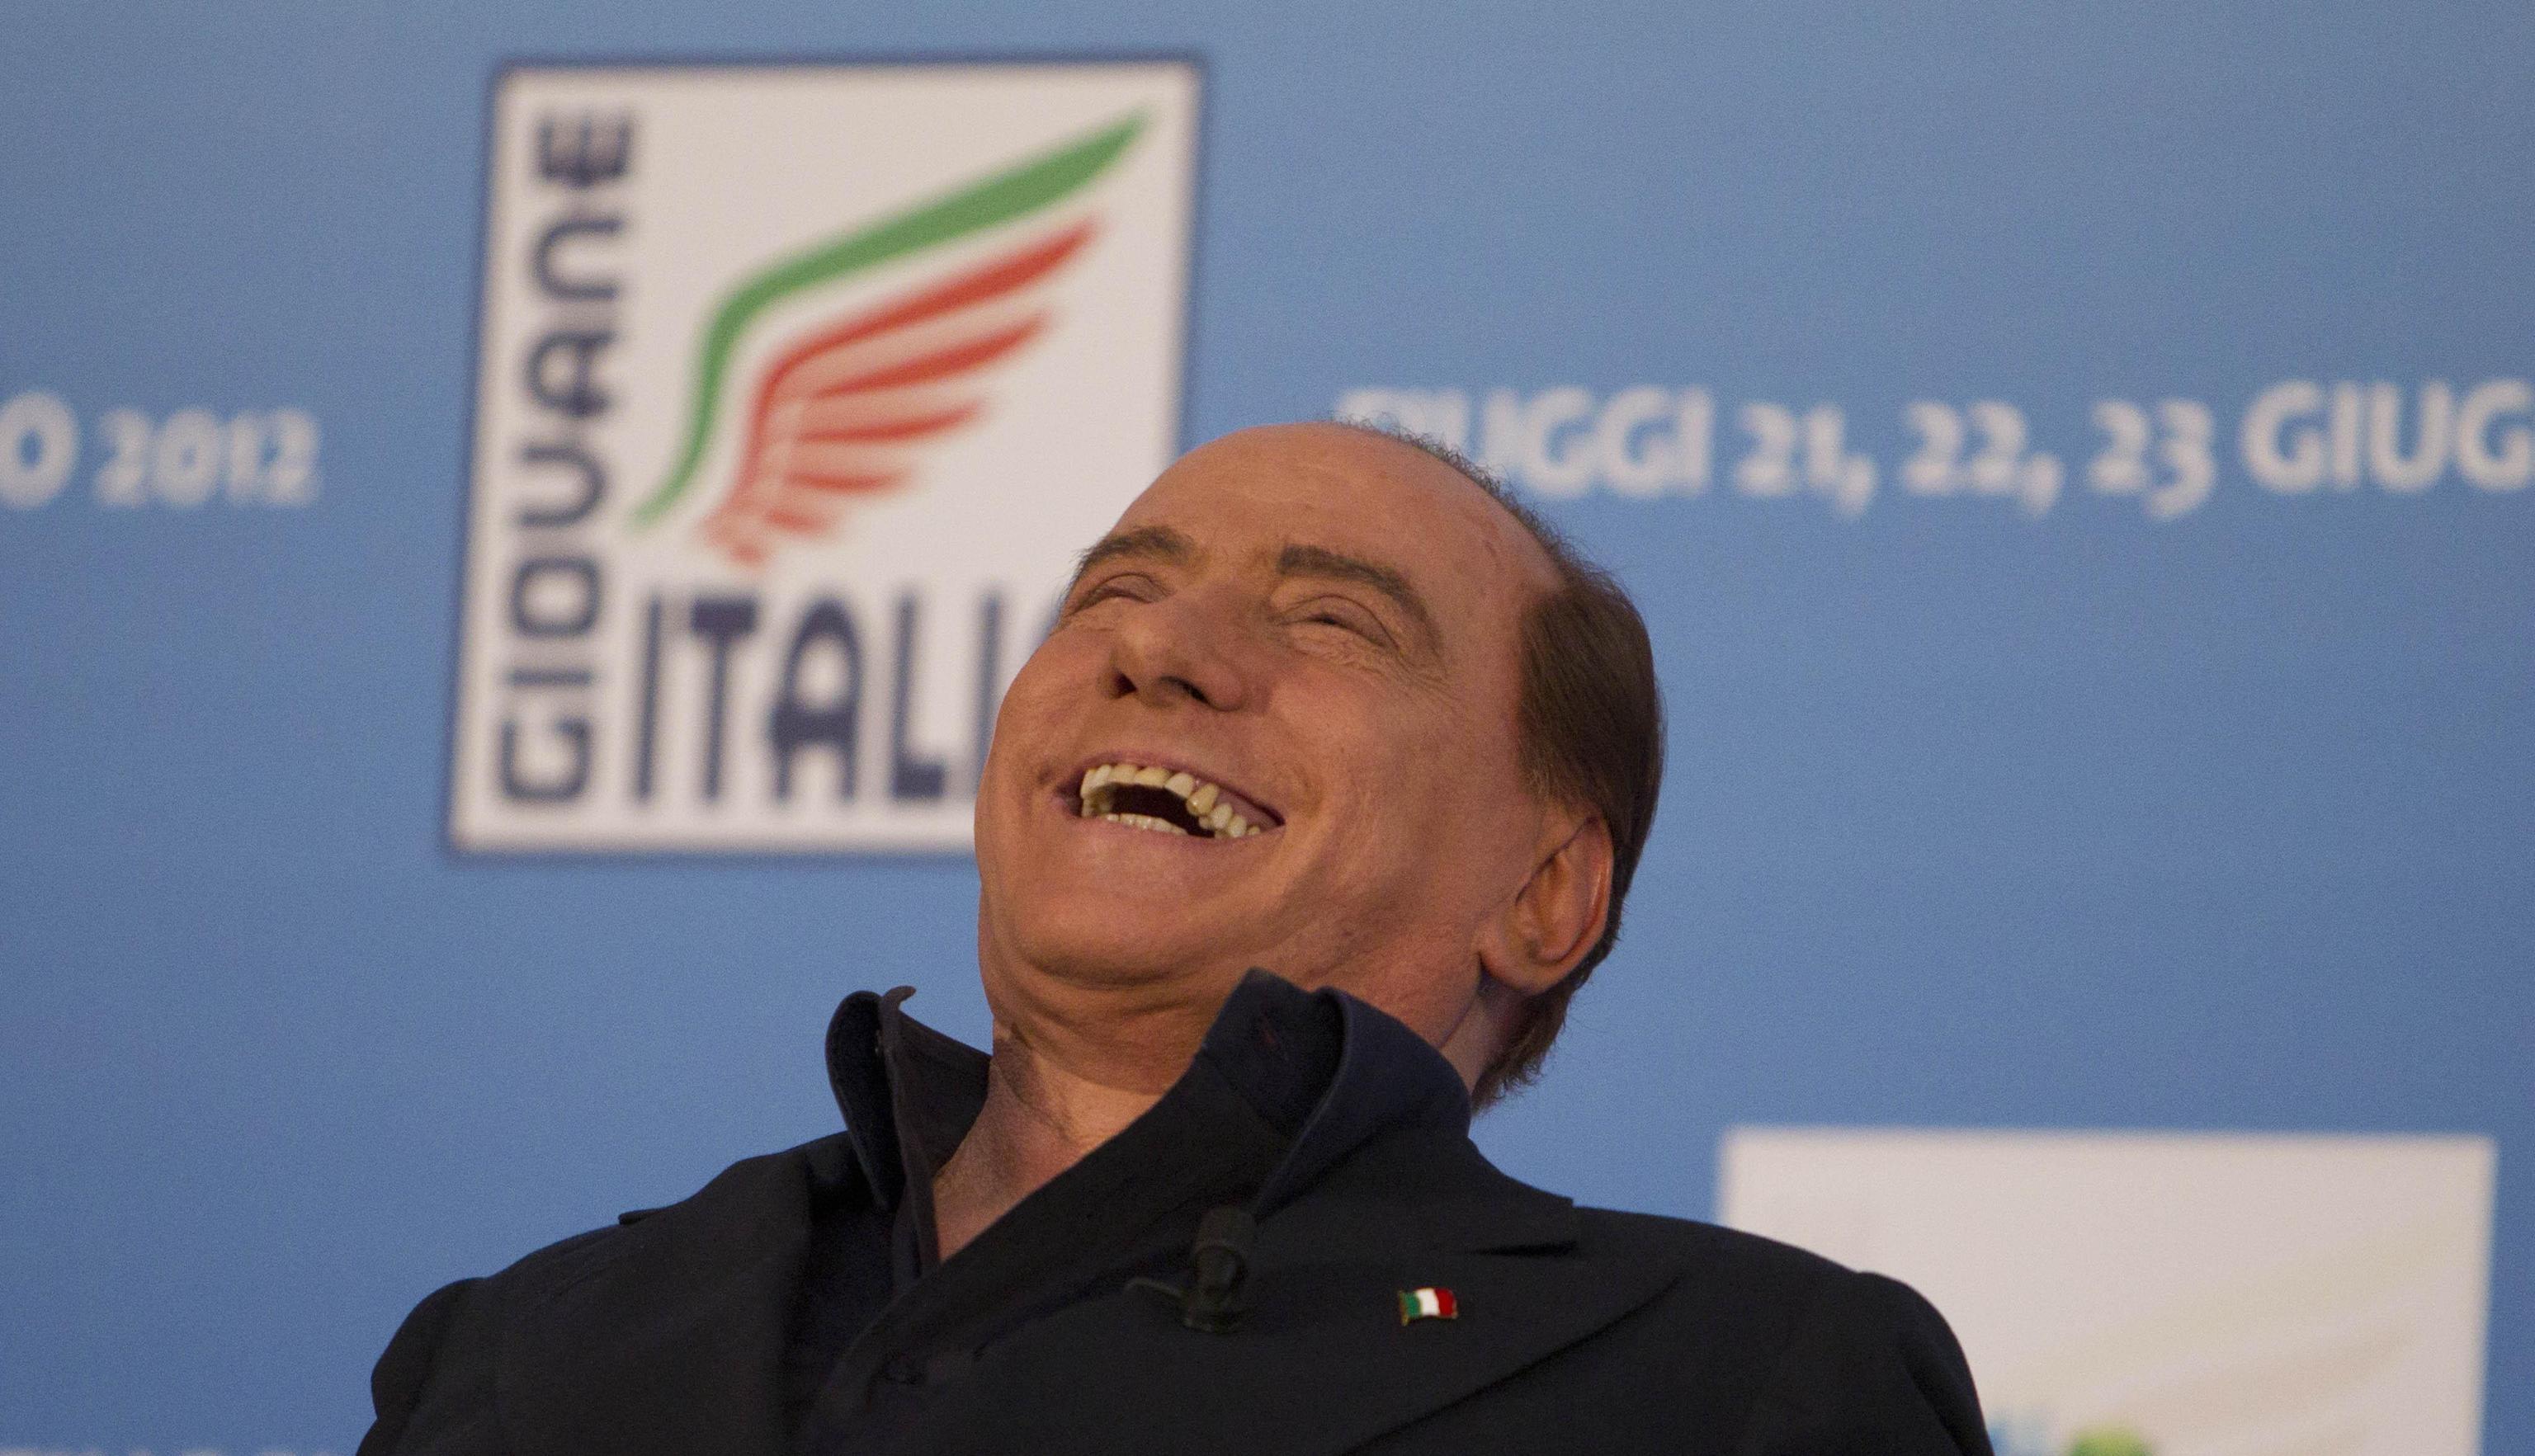 Berlusconi parla a Catania: Ponte, Casinò a Taormina e Piano Marshall